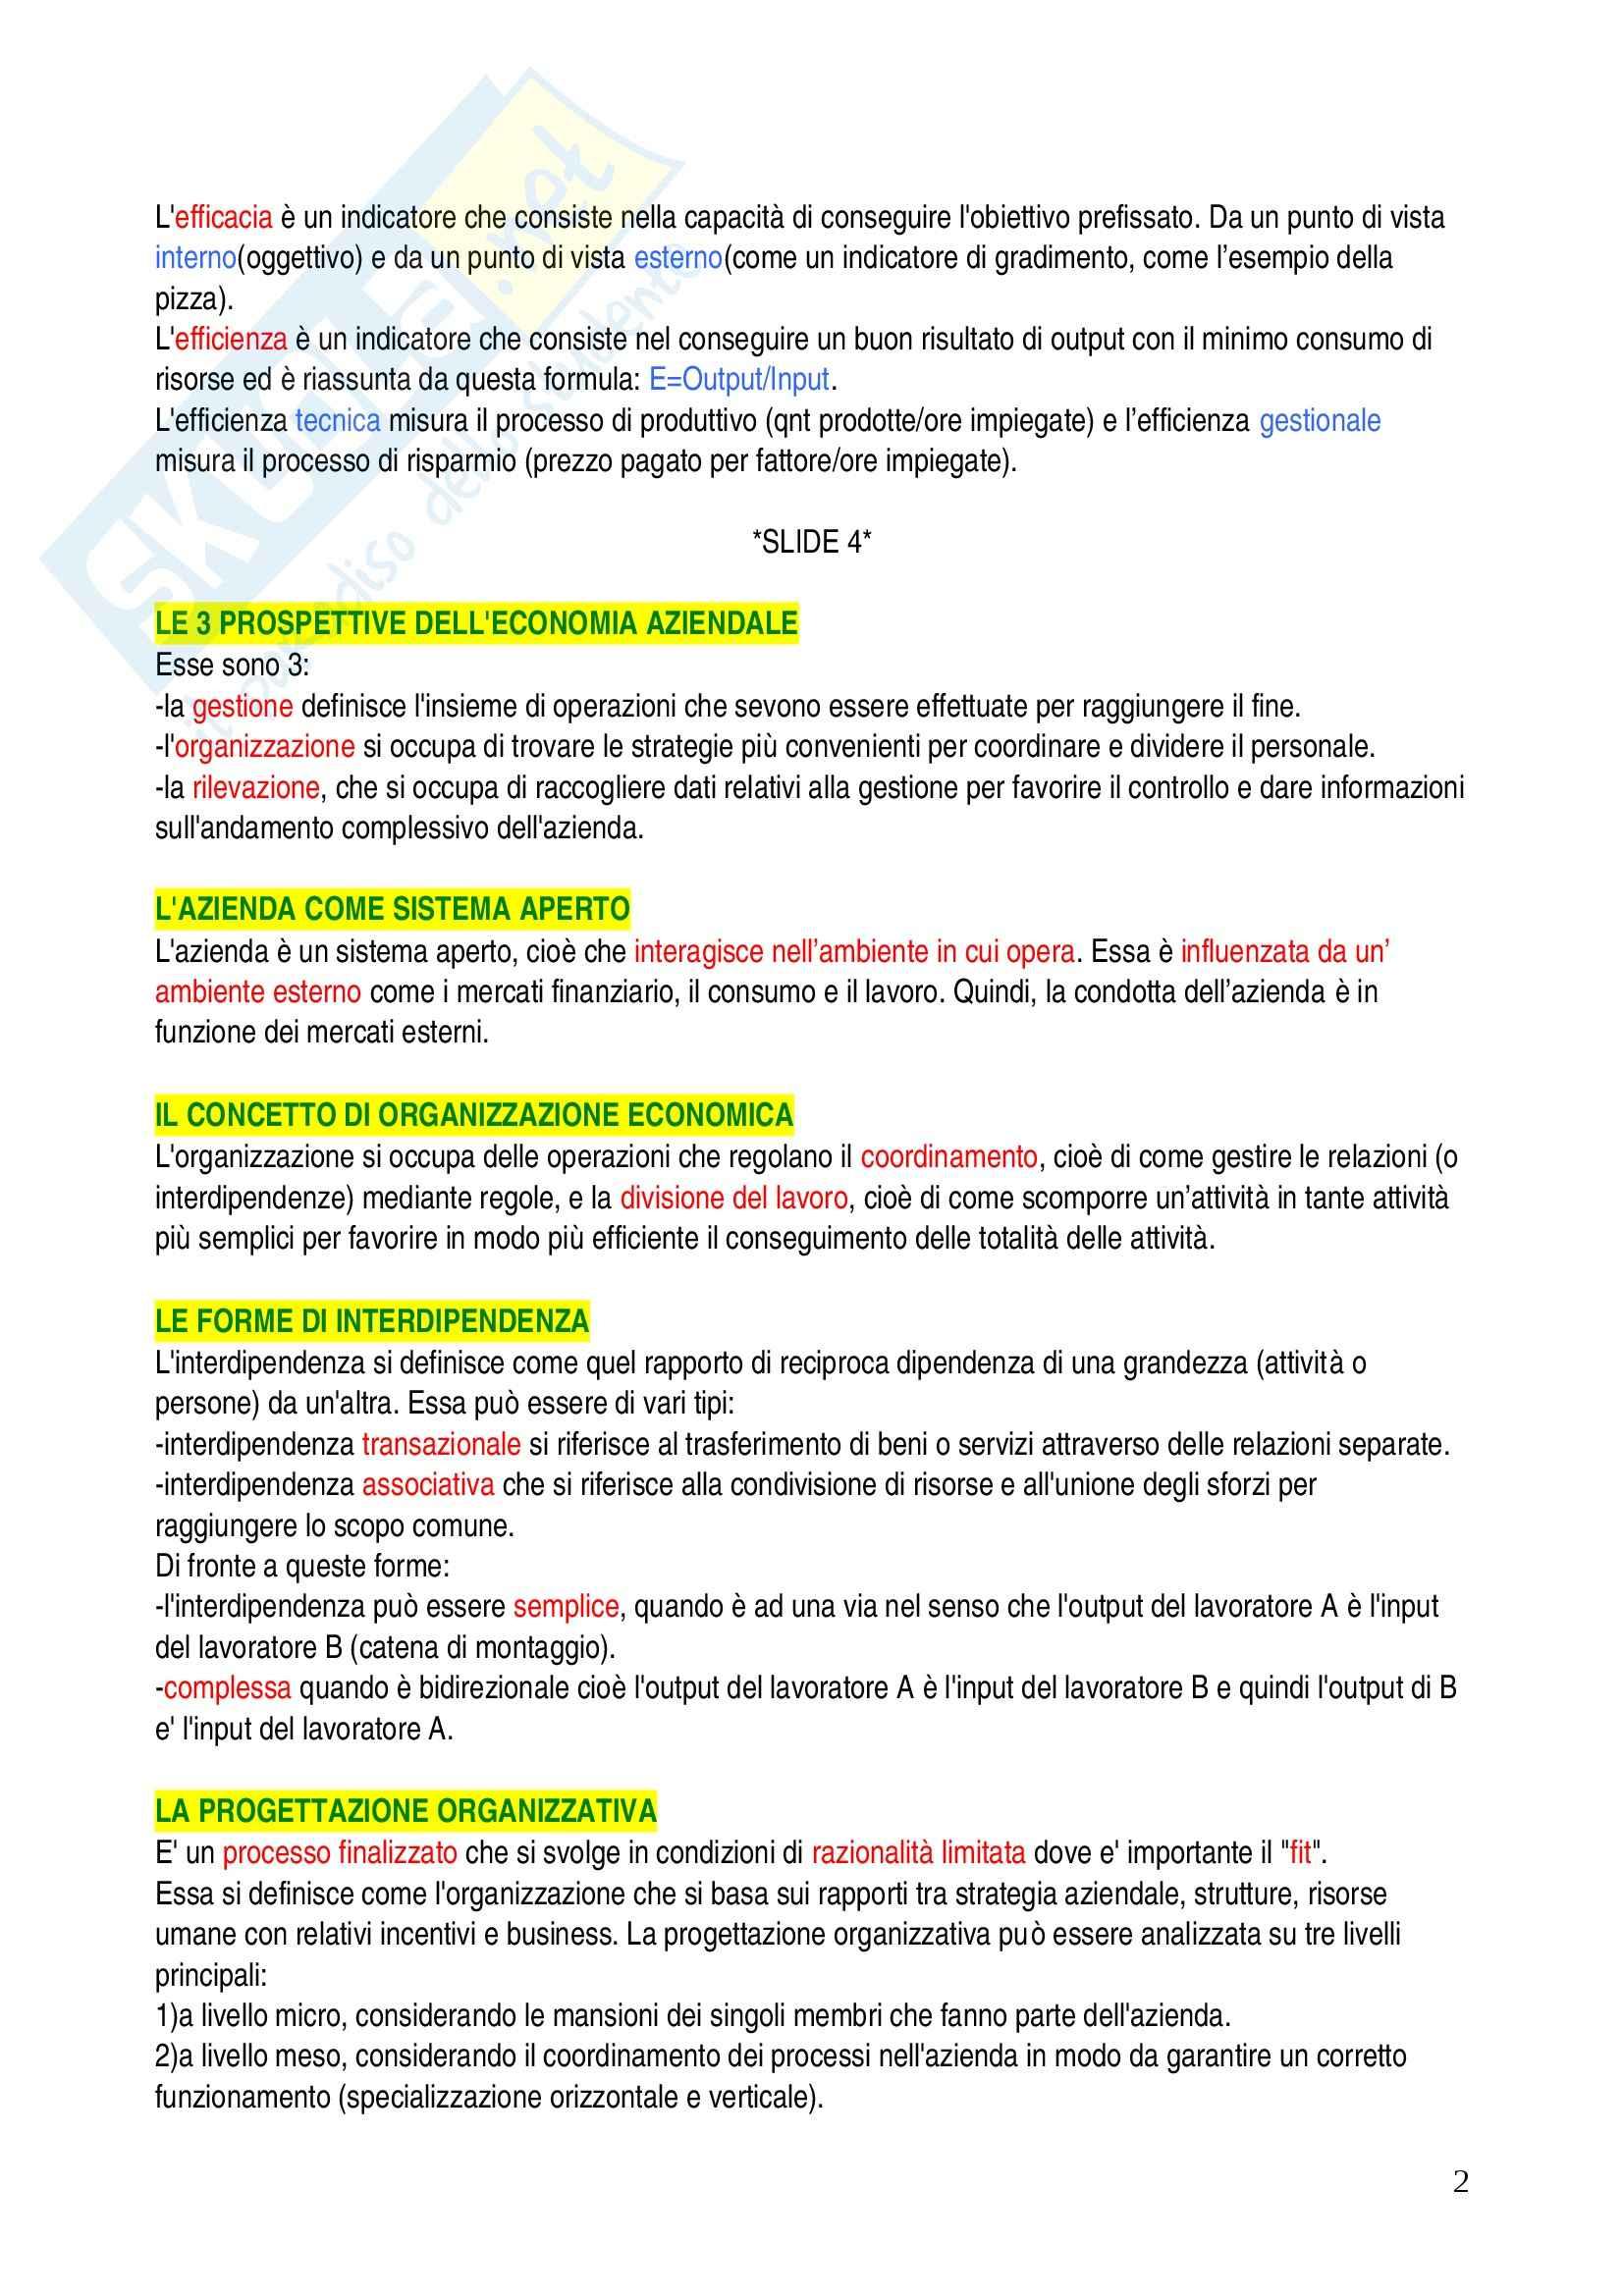 Economia ed organizzazione aziendale - domande Pag. 2